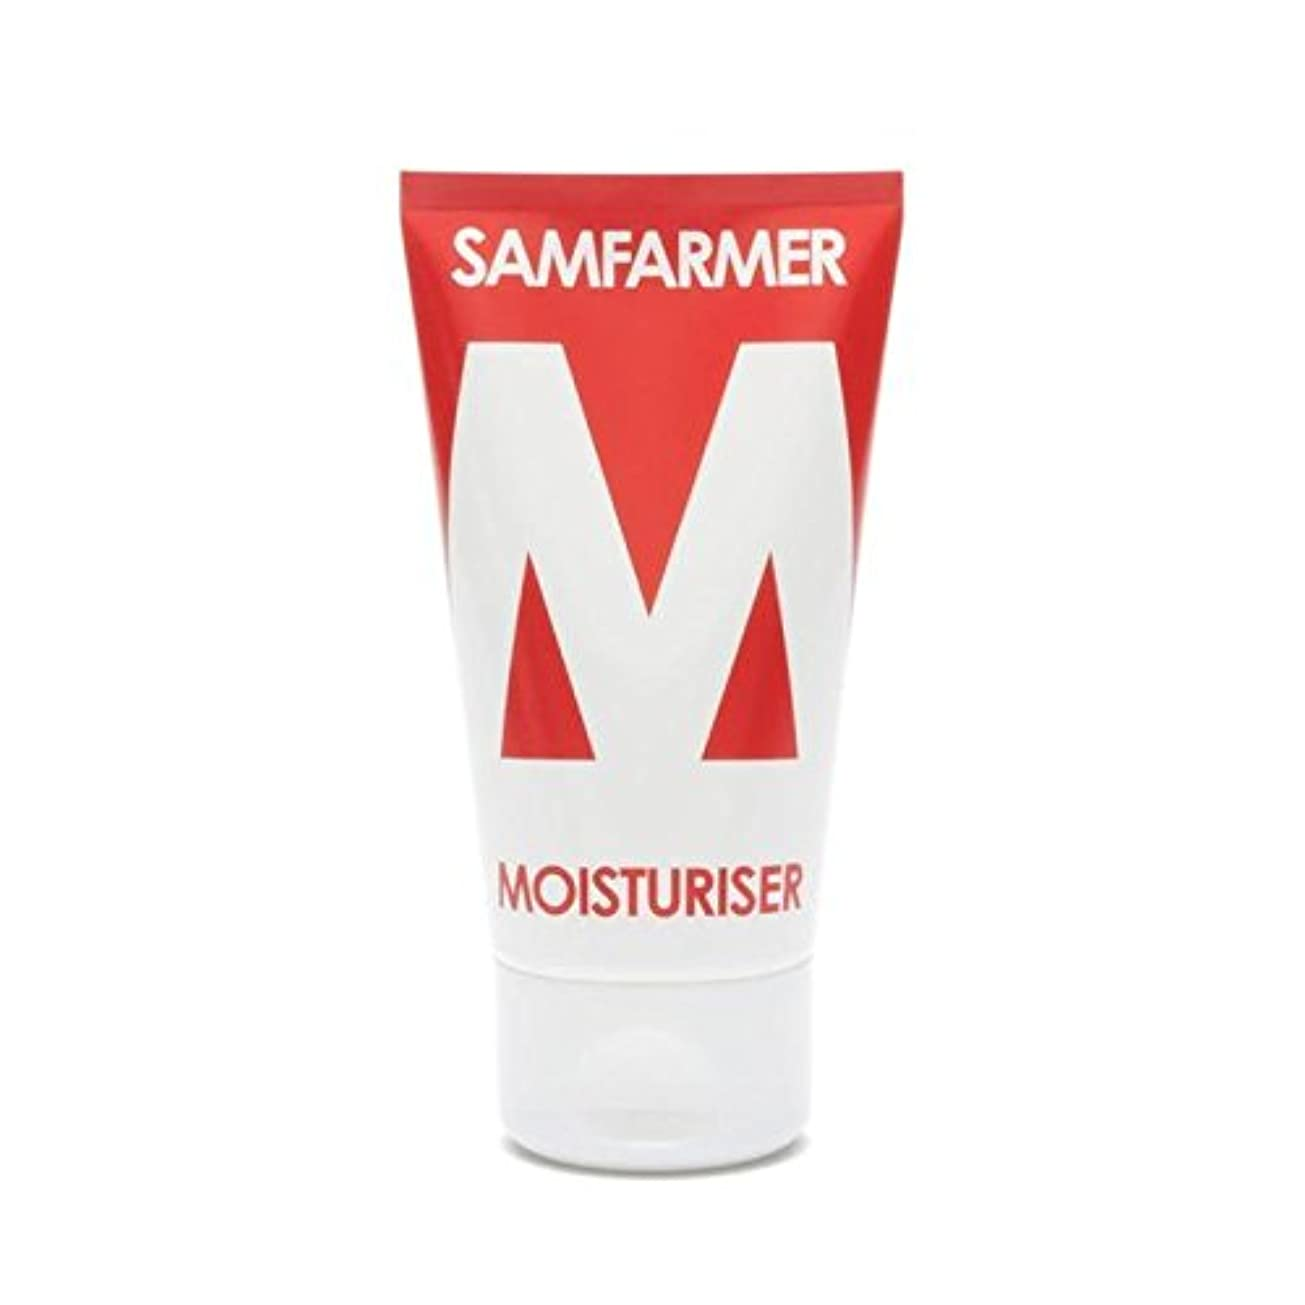 内部エトナ山シロクマユニセックス保湿50ミリリットル x2 - SAMFARMER Unisex Moisturiser 50ml (Pack of 2) [並行輸入品]